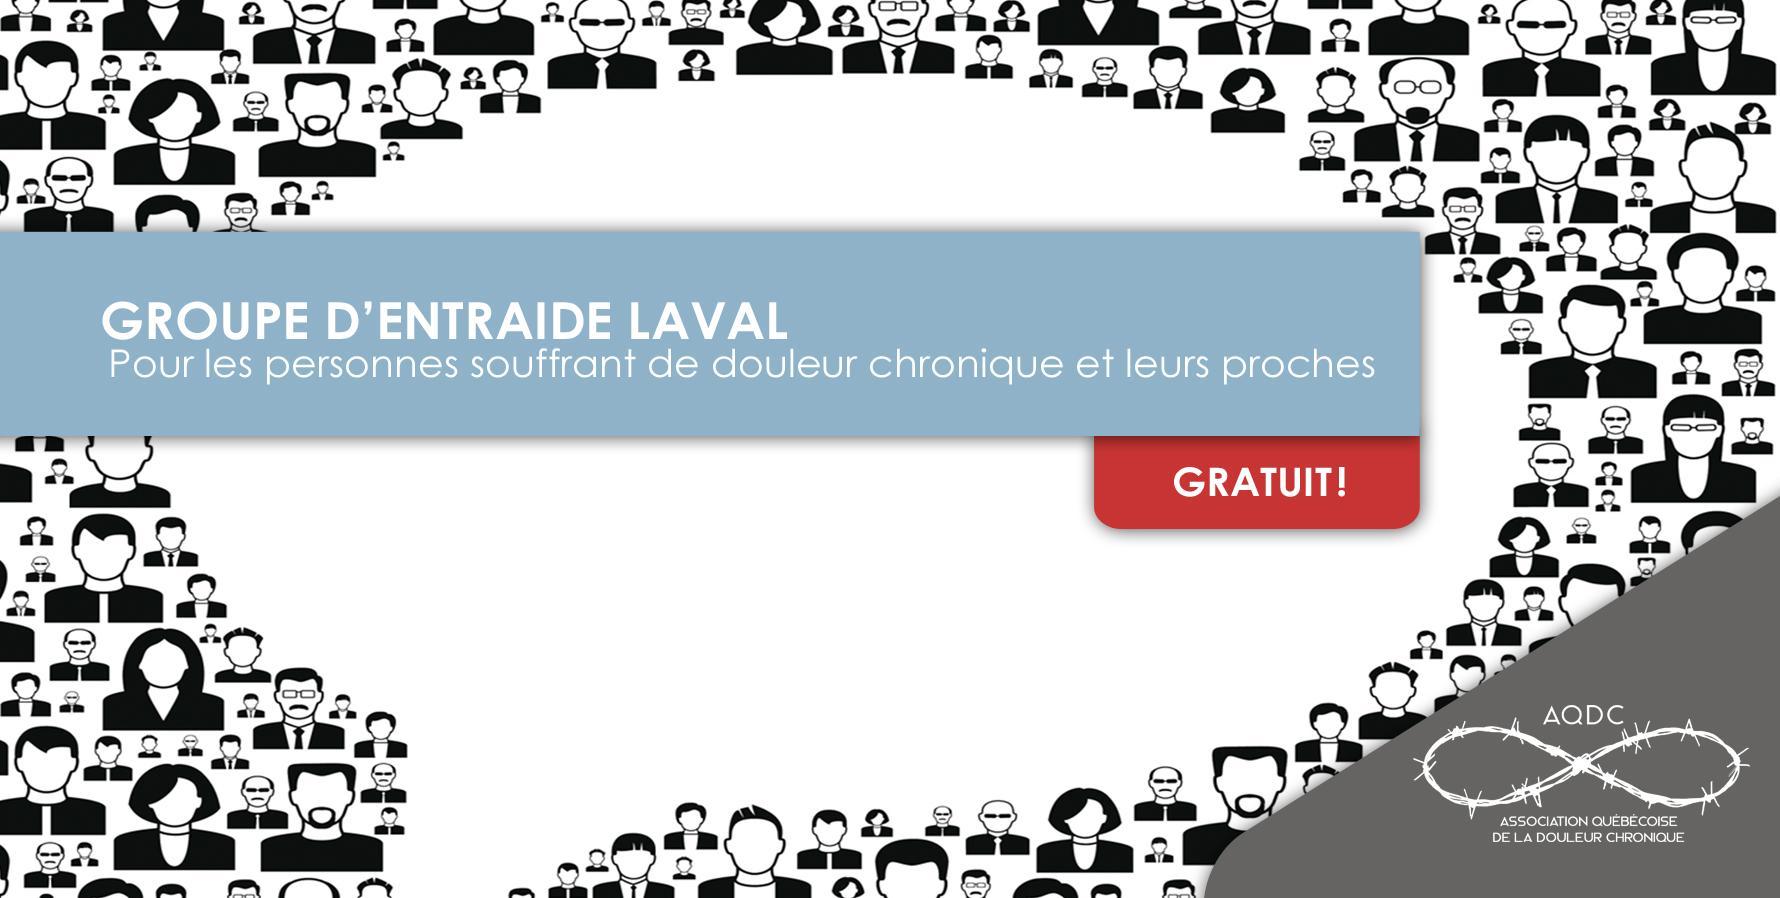 AQDC - Groupe d'entraide Laval - 24 avril 201